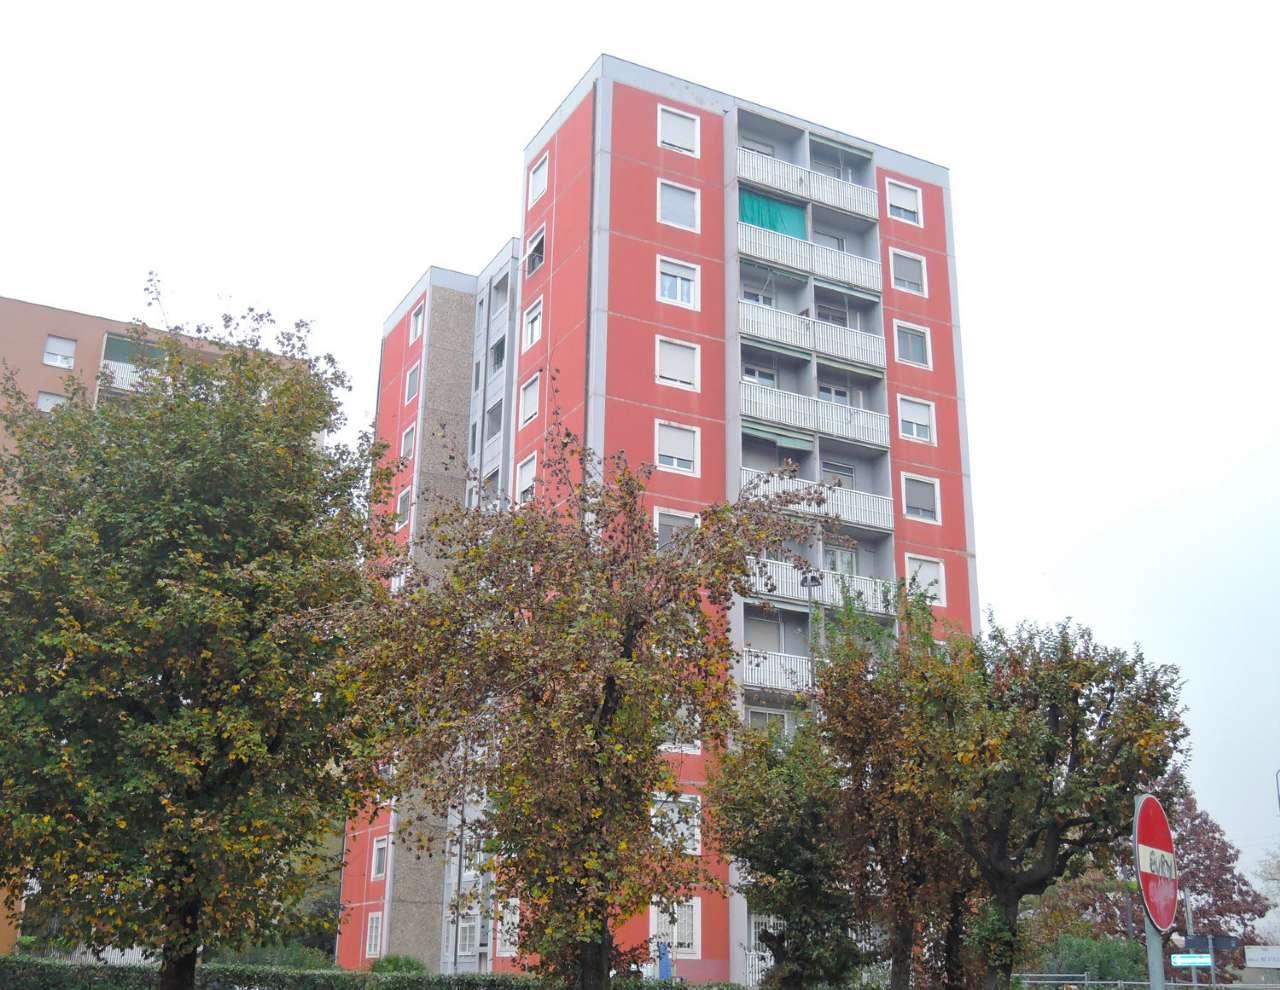 Appartamento in Vendita a Milano 27 Baggio / Novara / Forze Armate: 3 locali, 88 mq